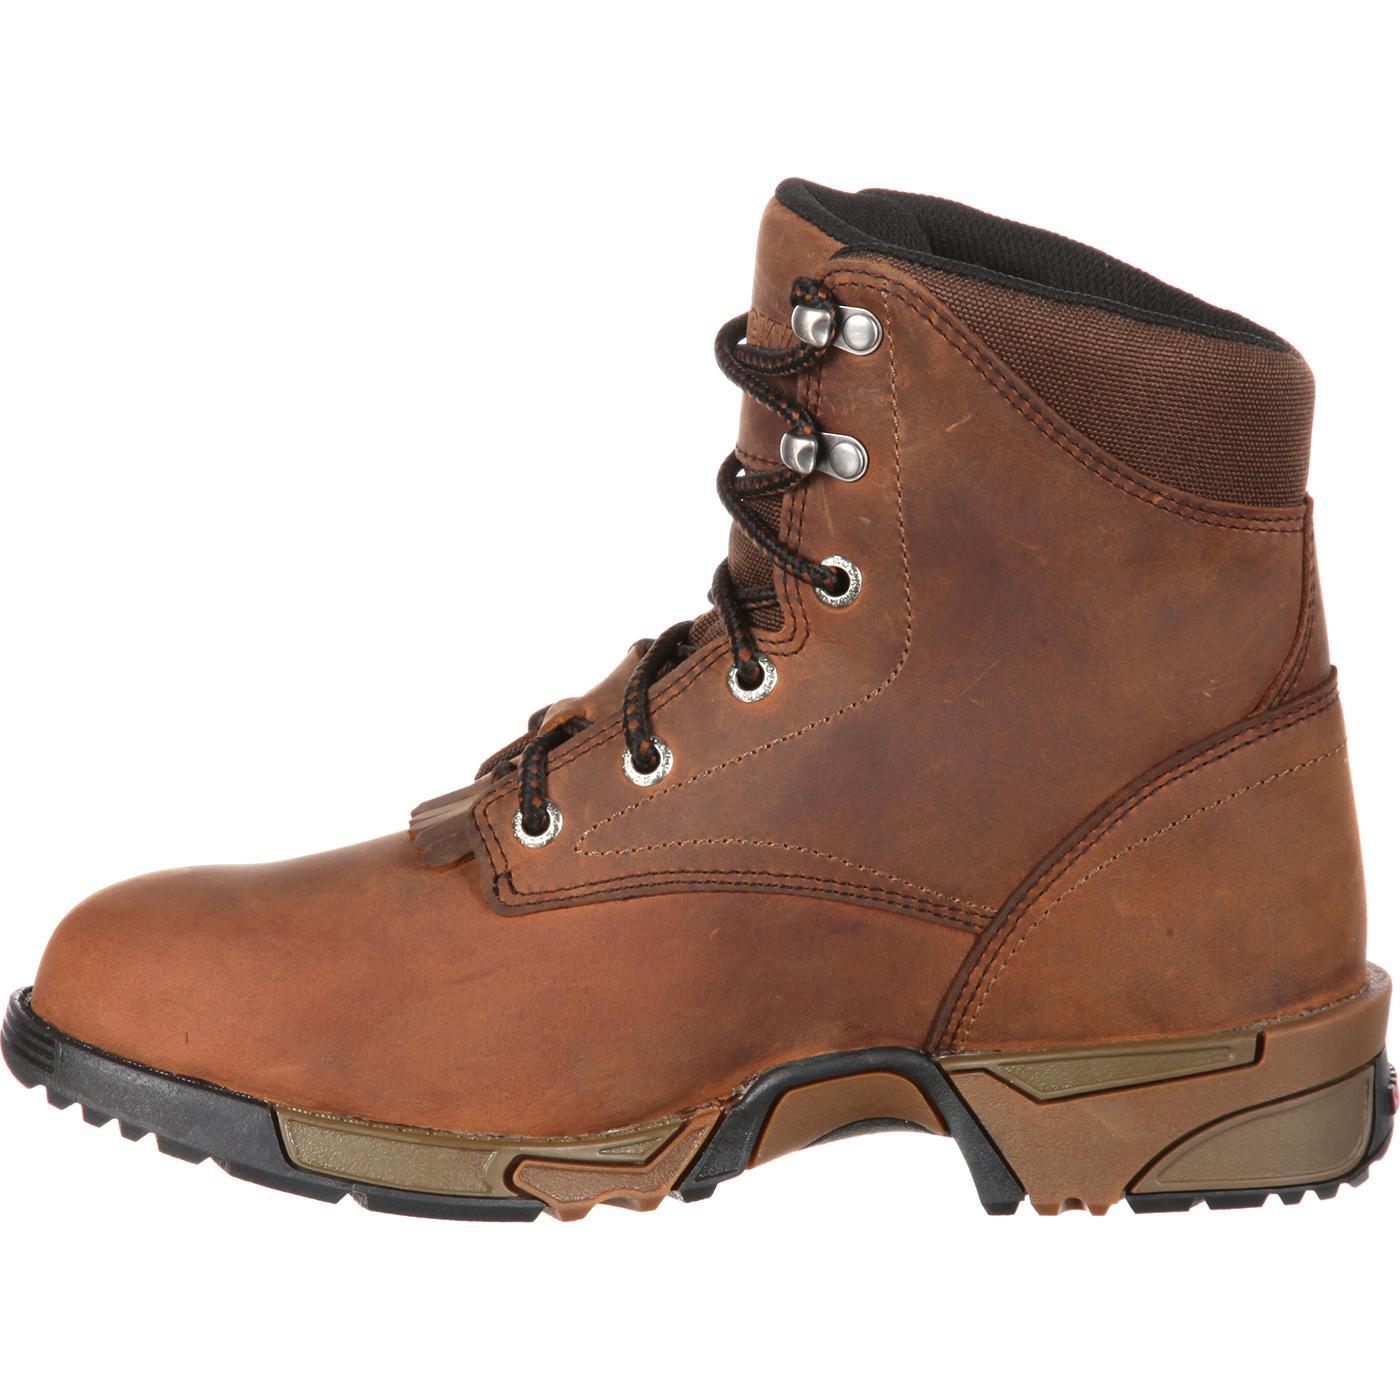 Rocky Women's Aztec Steel Toe Work Boot, style #RKK0138